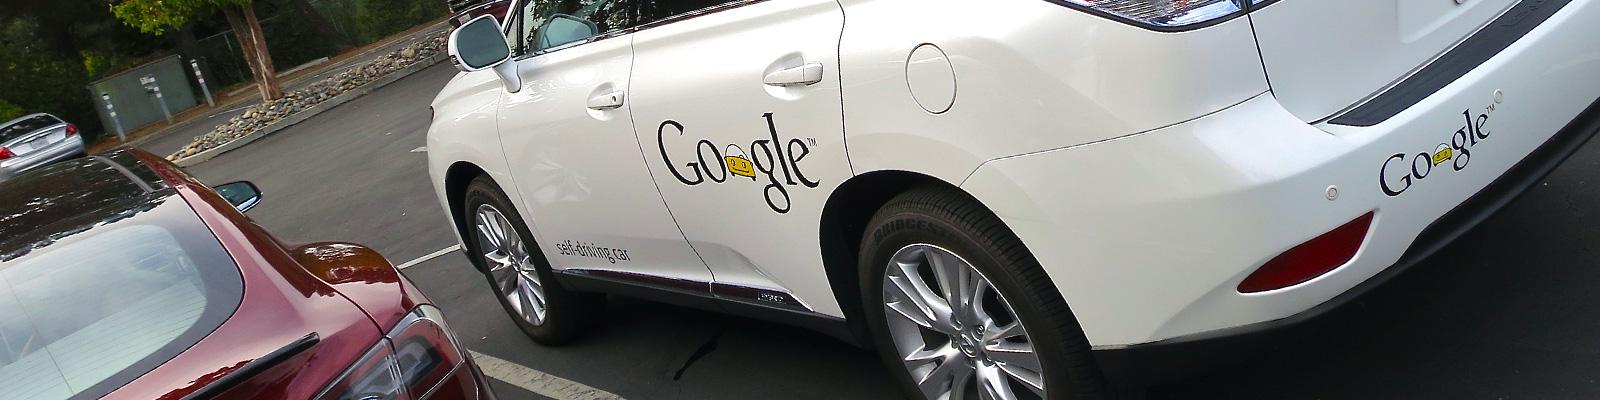 グーグル 自動車